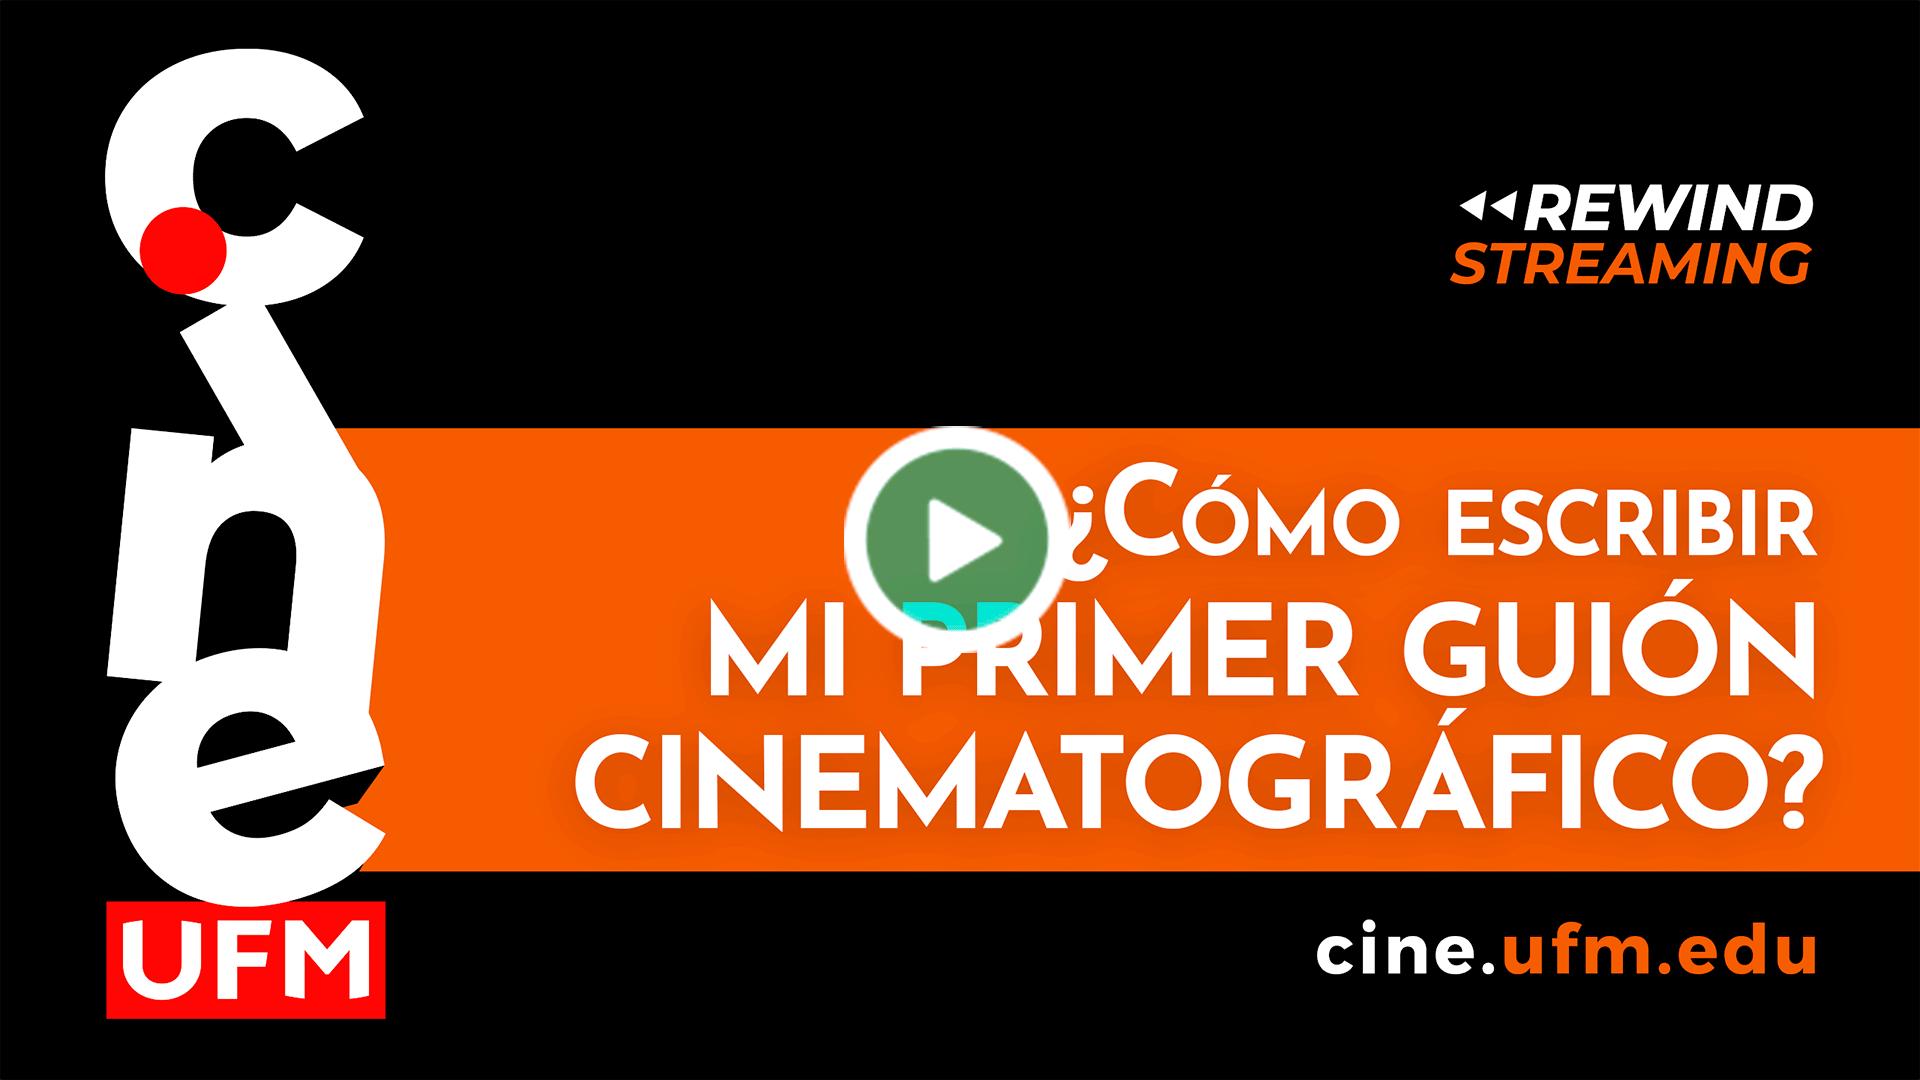 20200619_cineufmlive1_Primer-Guion_Cine-LIVE